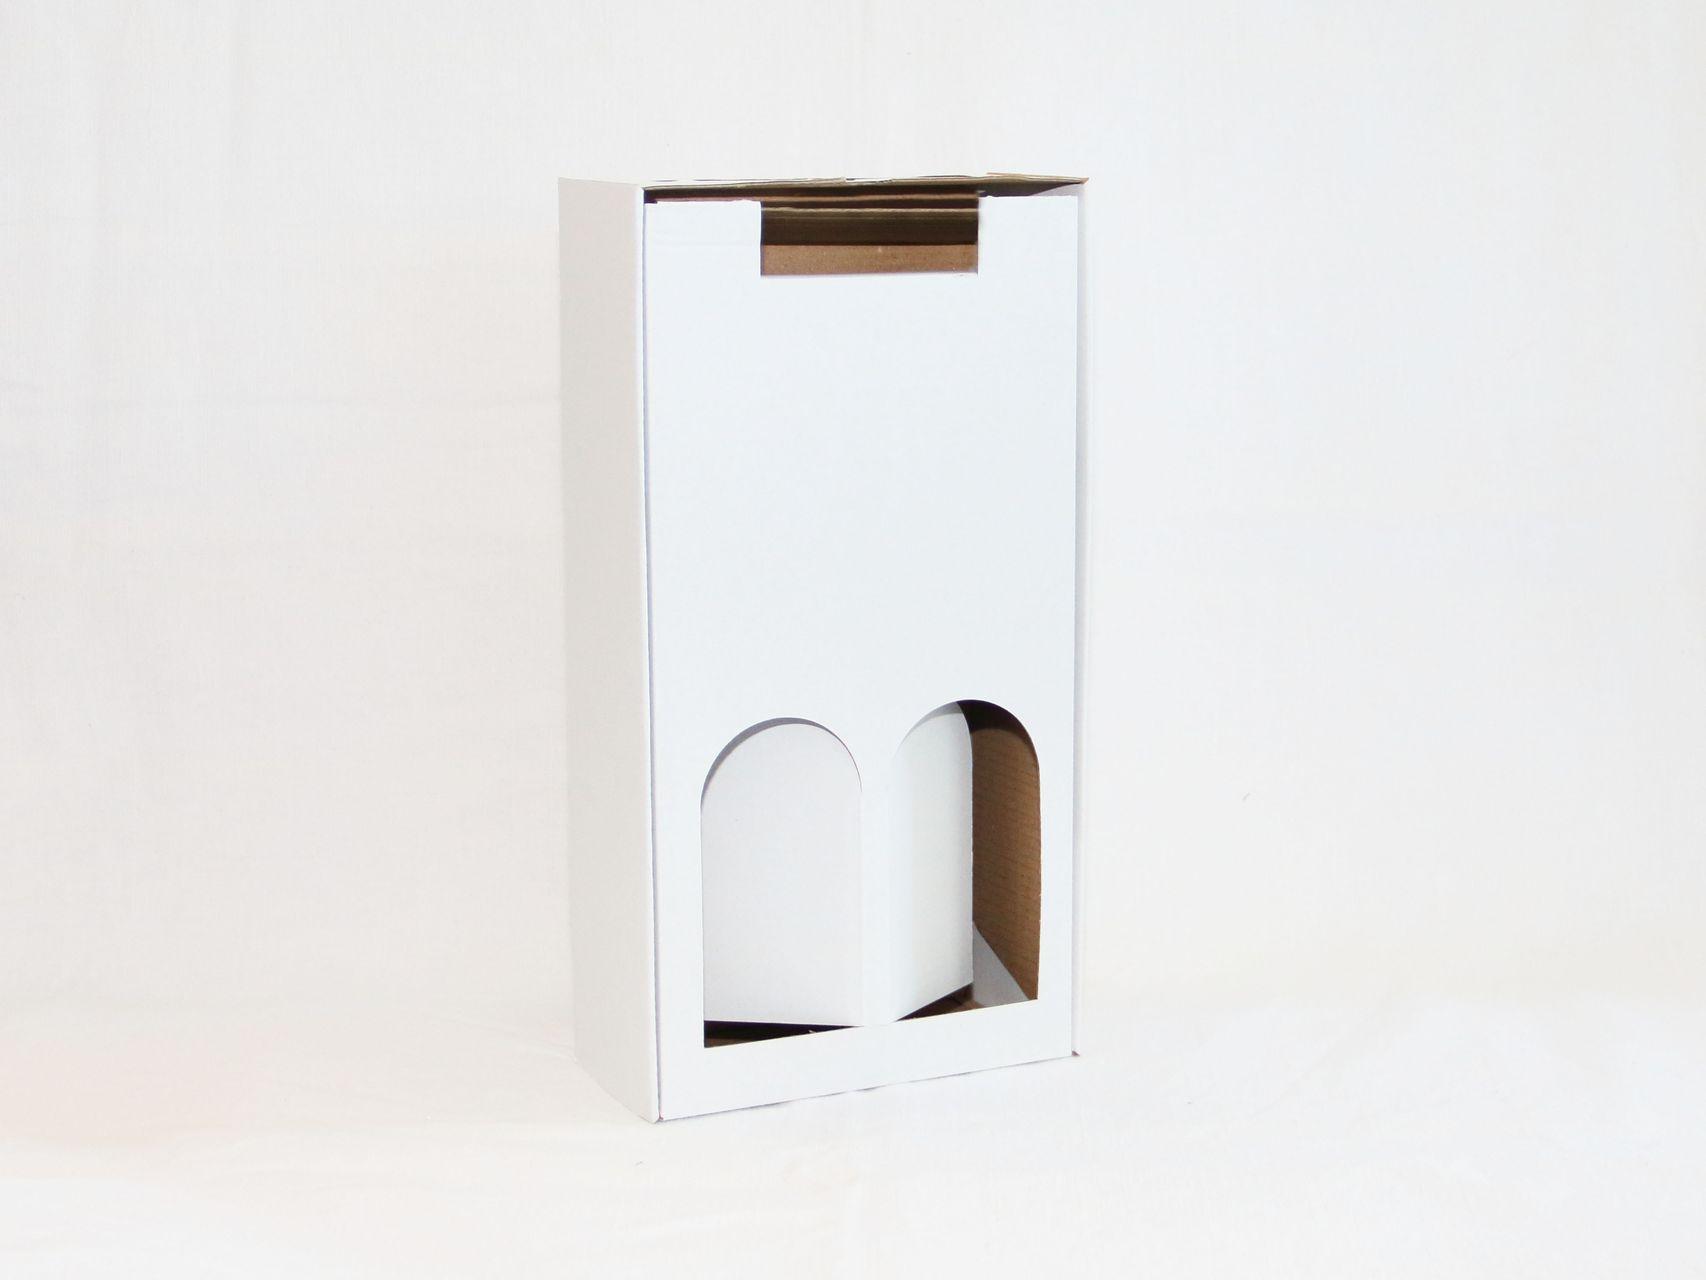 Krabice na liehoviny